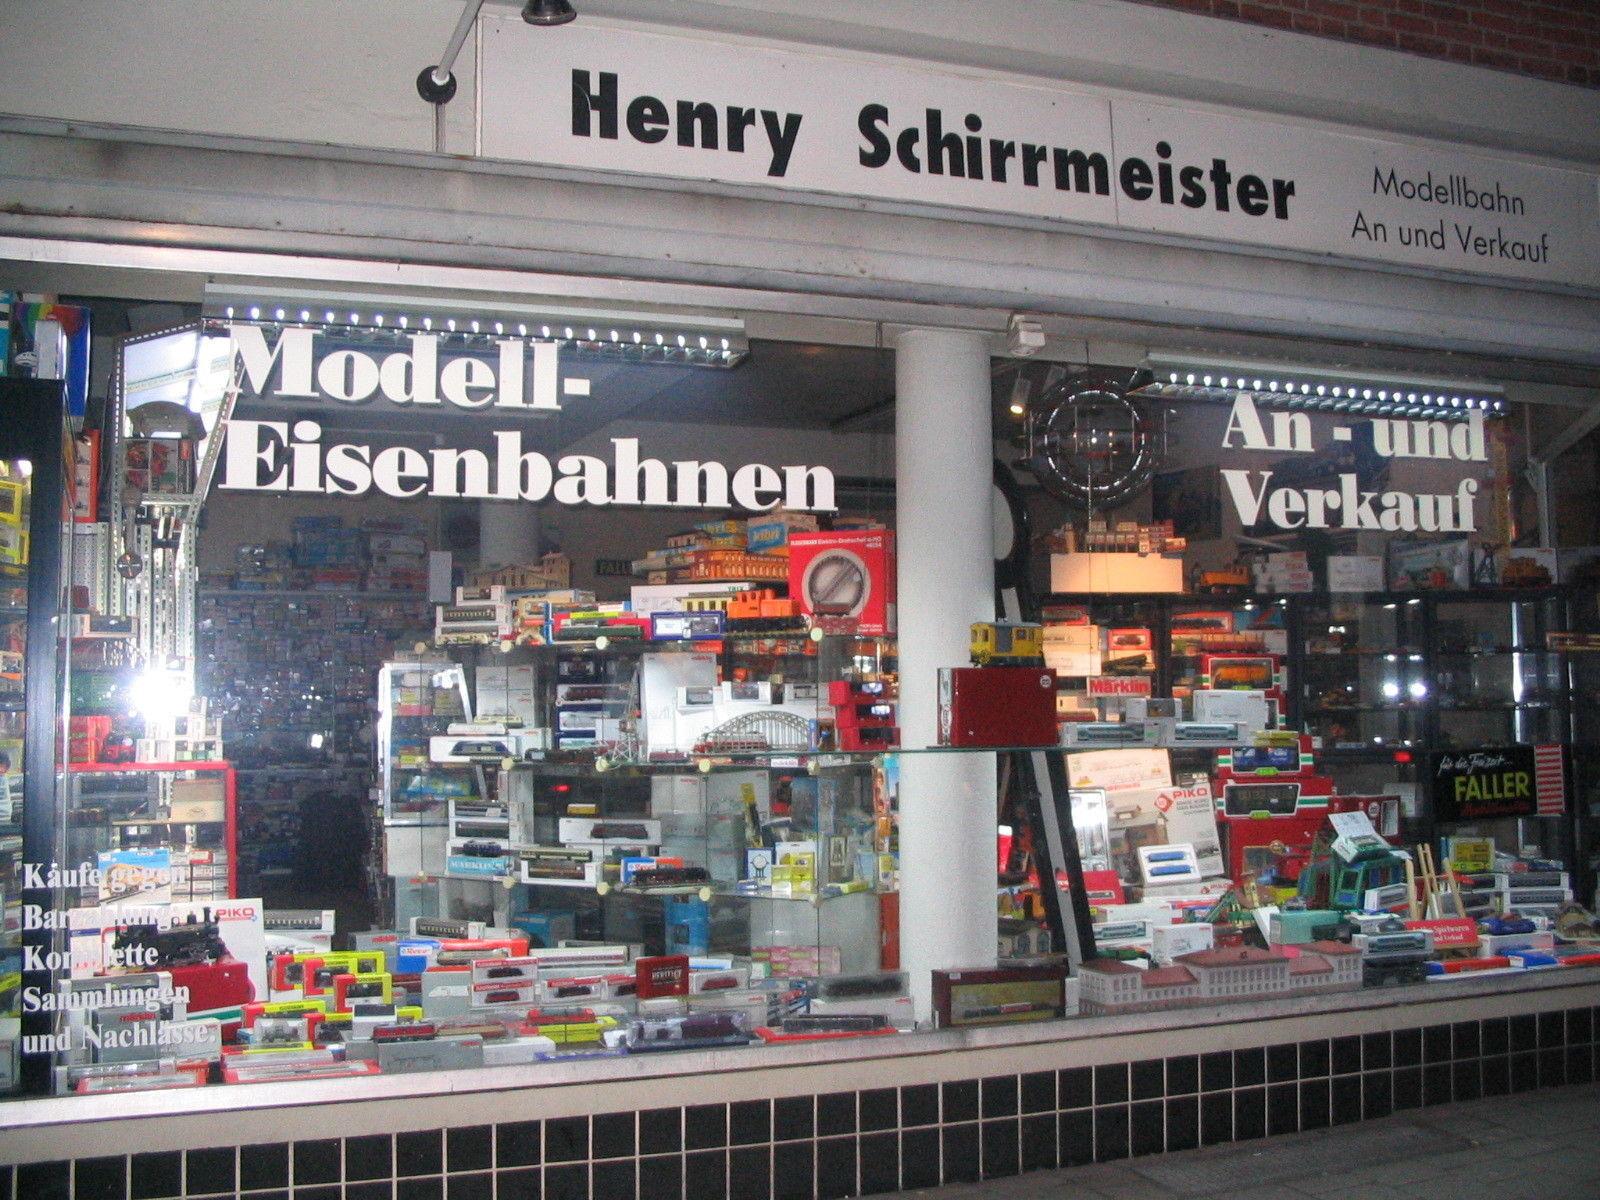 schirrmeister